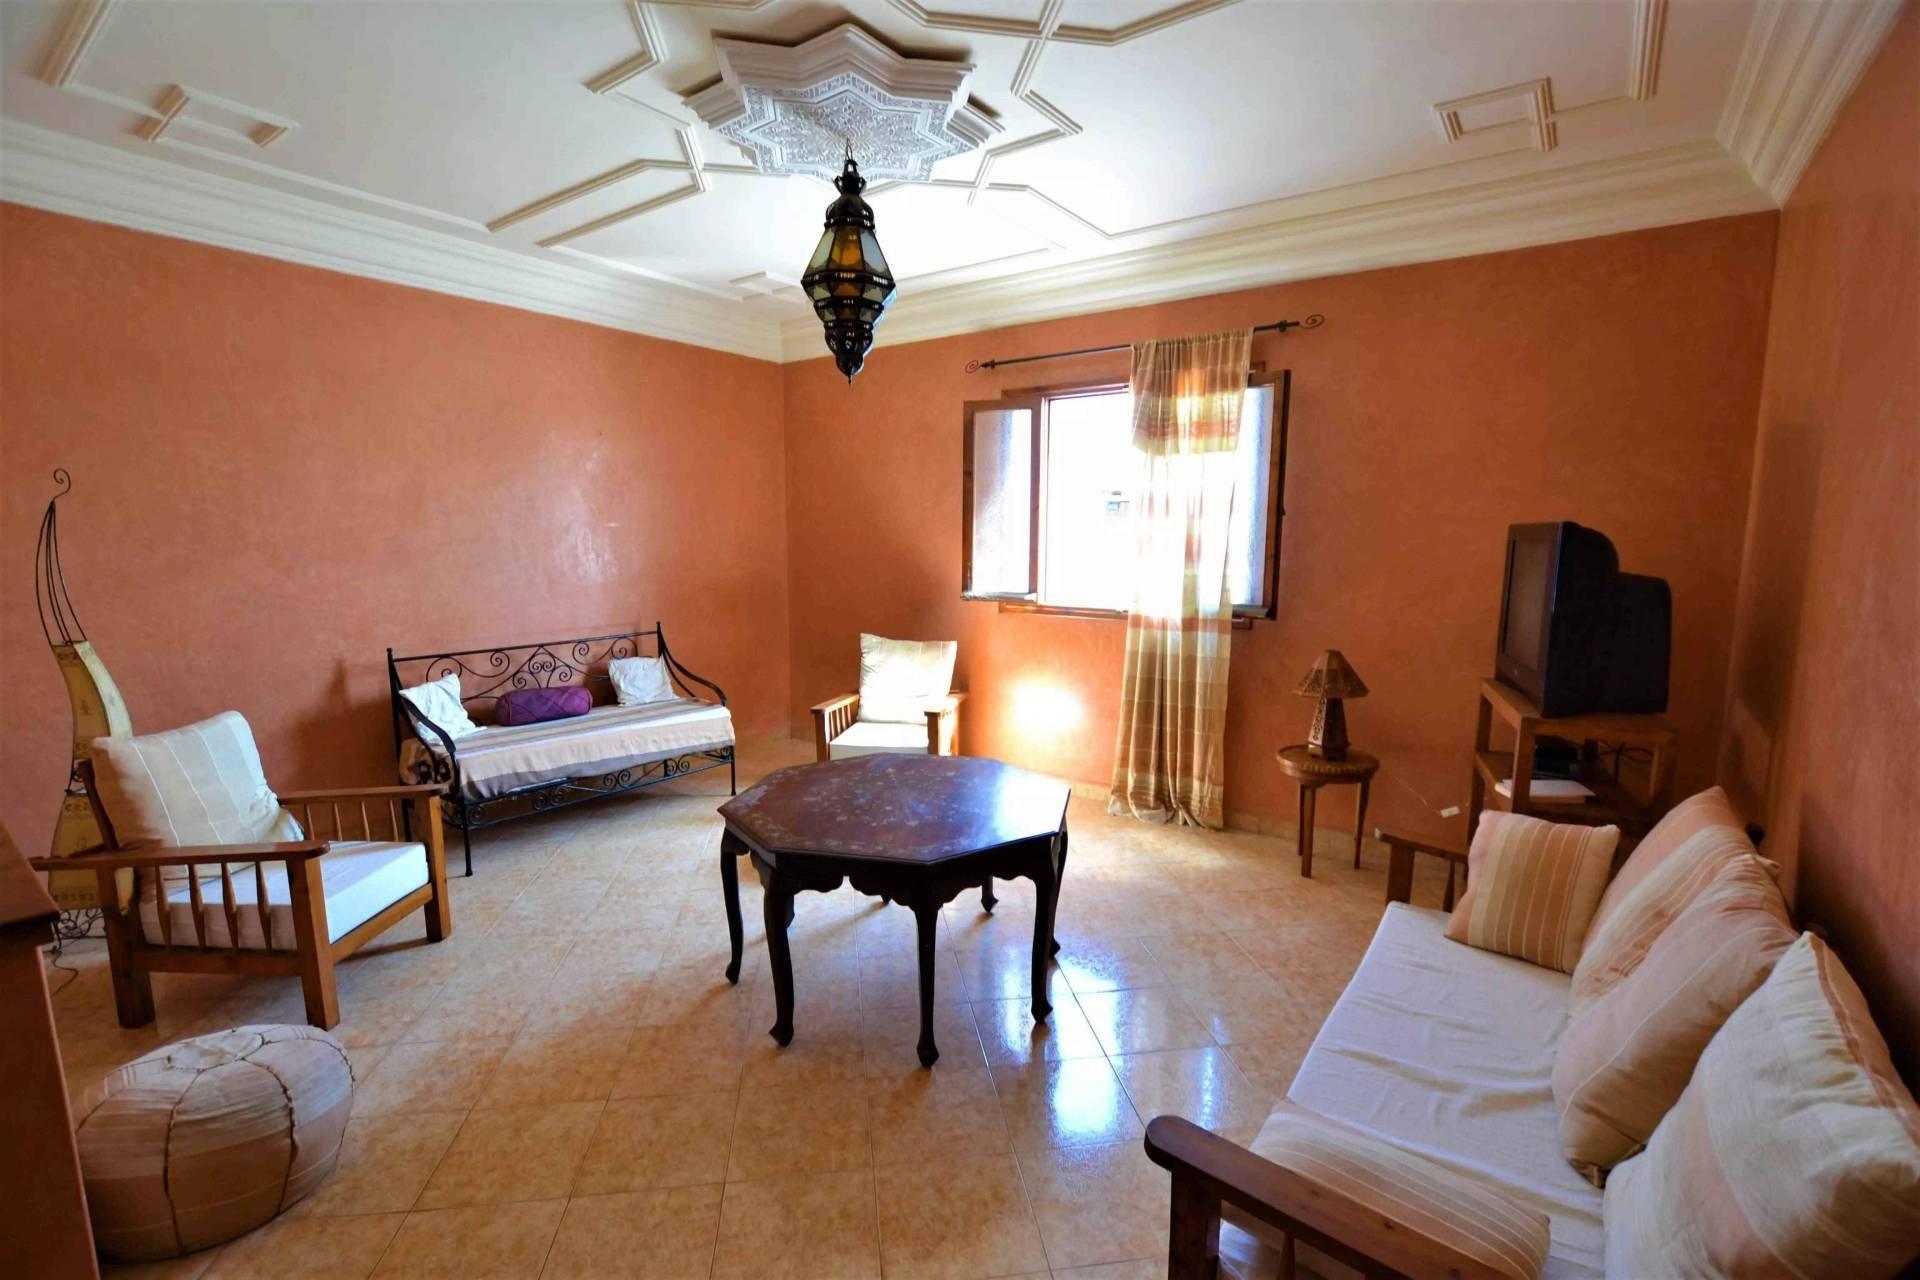 Vente - Appartement - Nouvelle-Ville - 123 m² - 80000 € - Essaouira - 9145